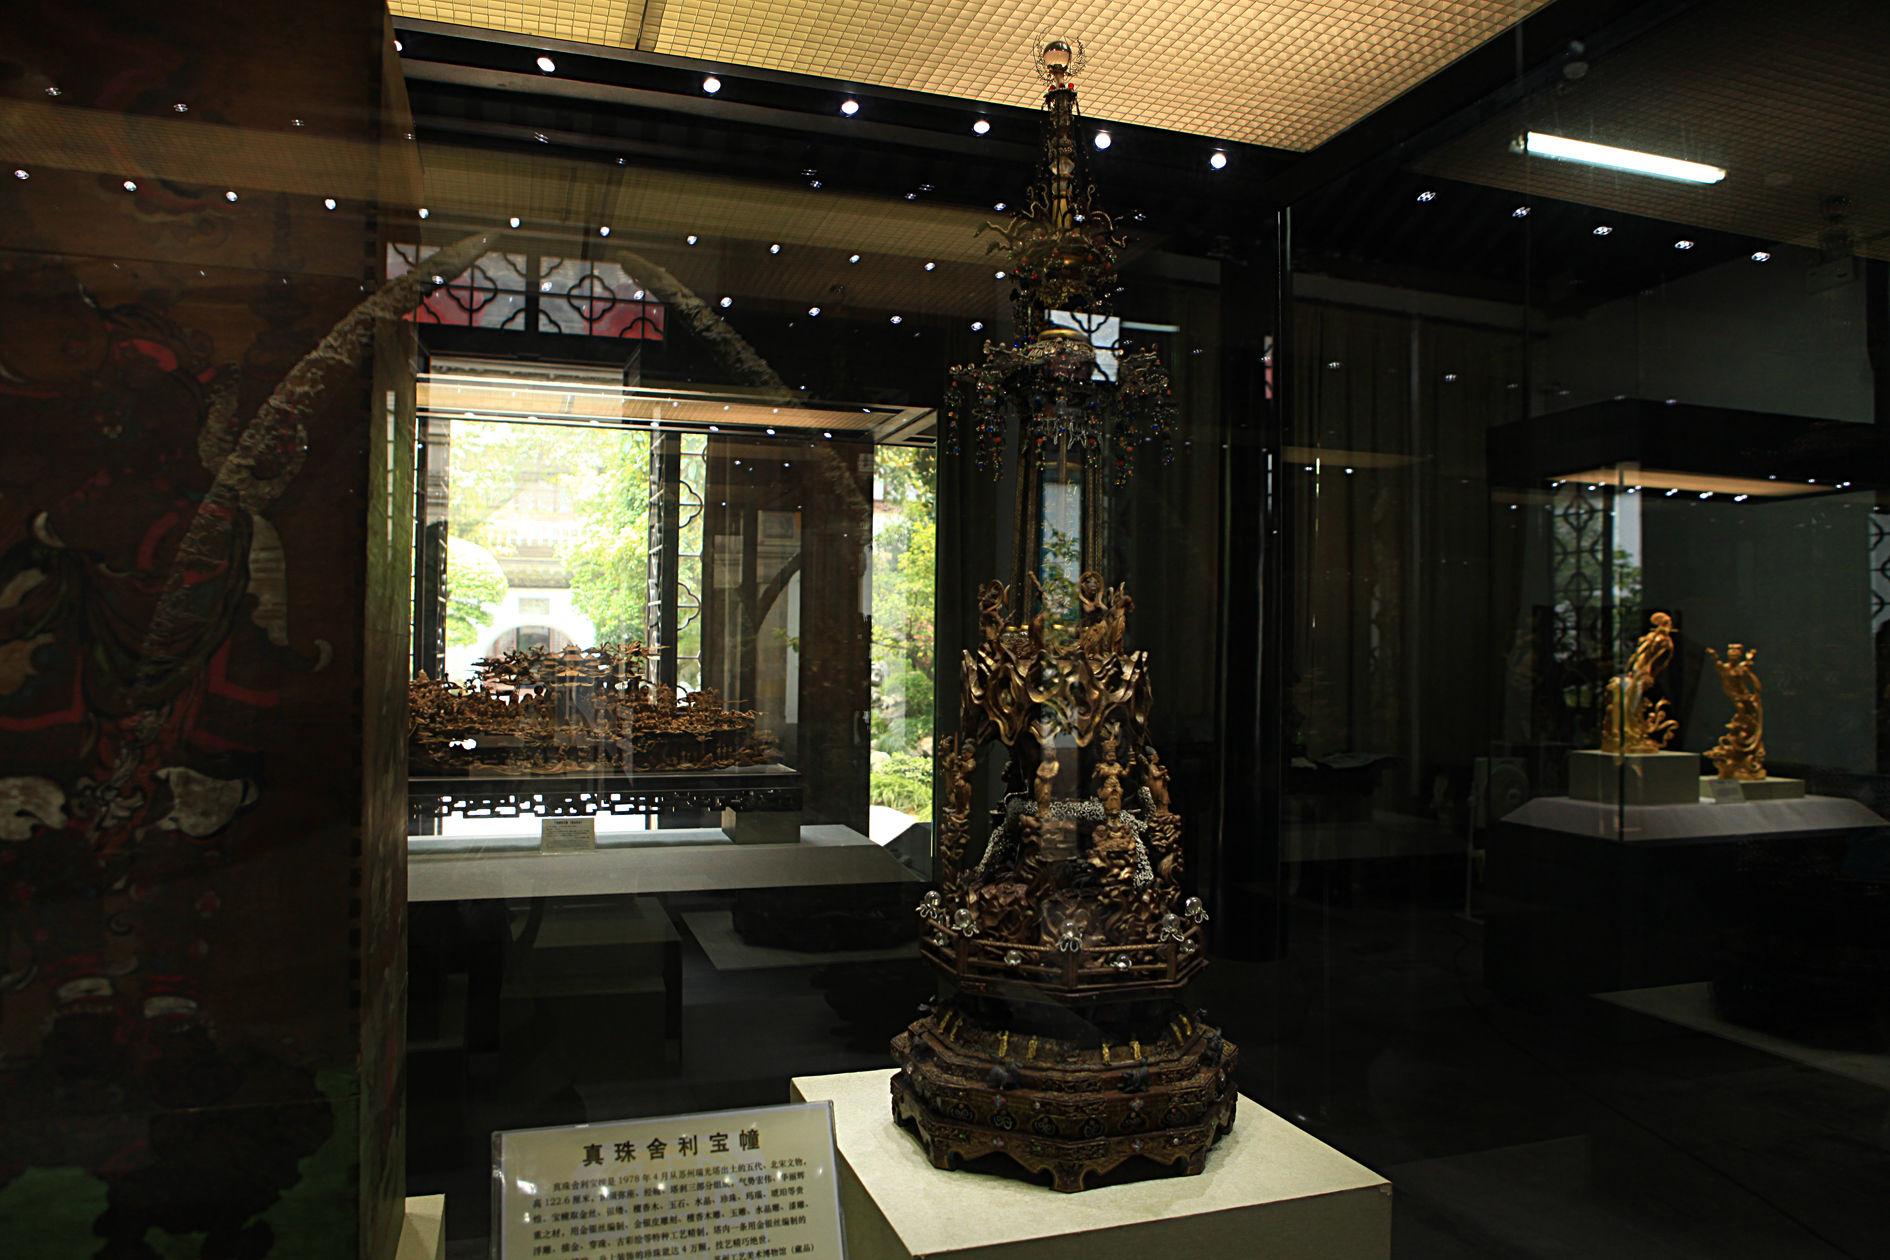 苏州工艺美术博物馆的门票信息